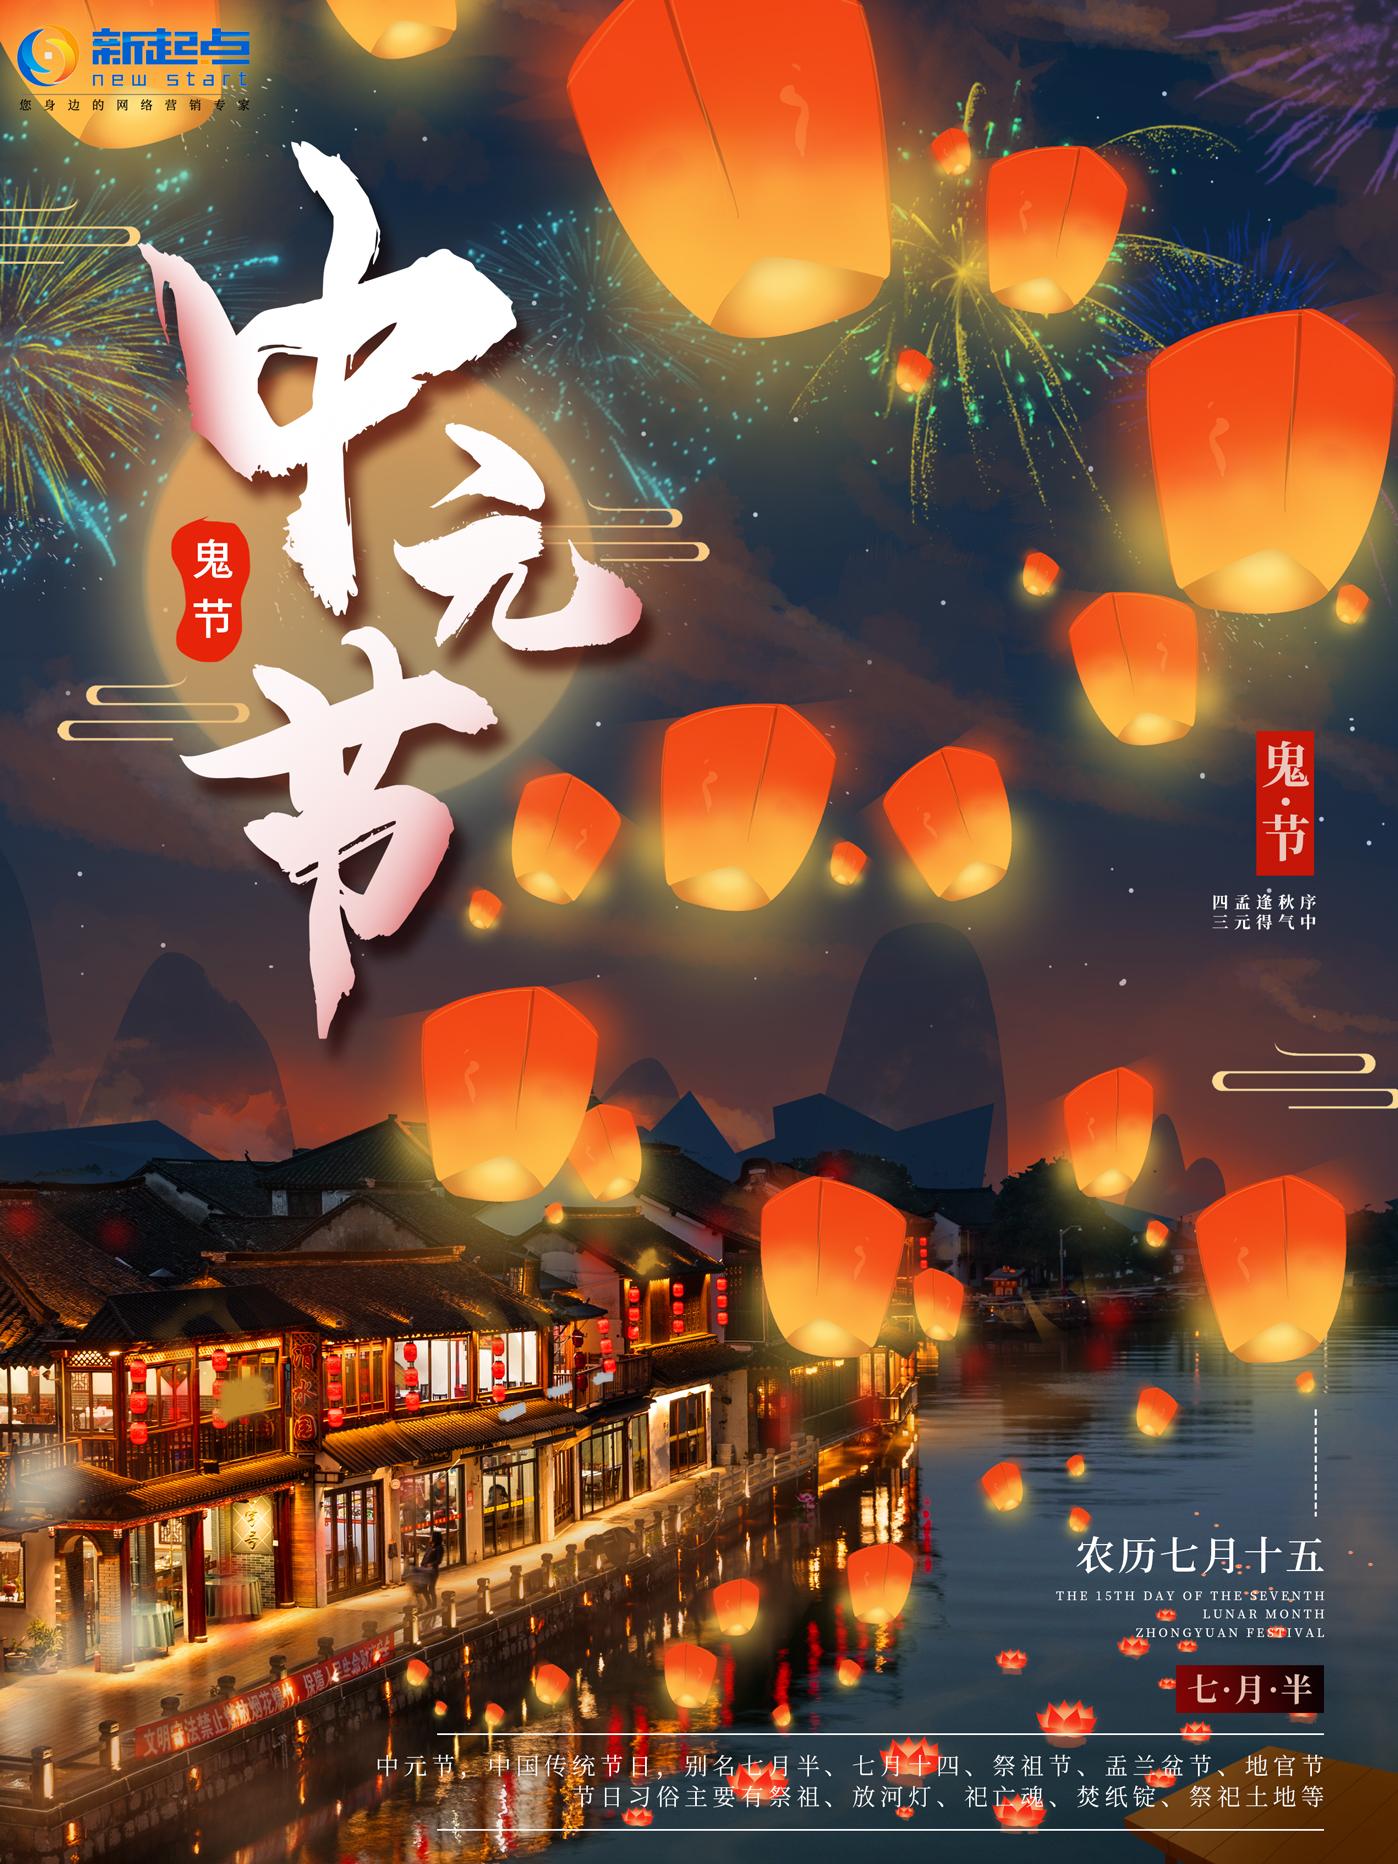 中元节,祭先祖,求平安!